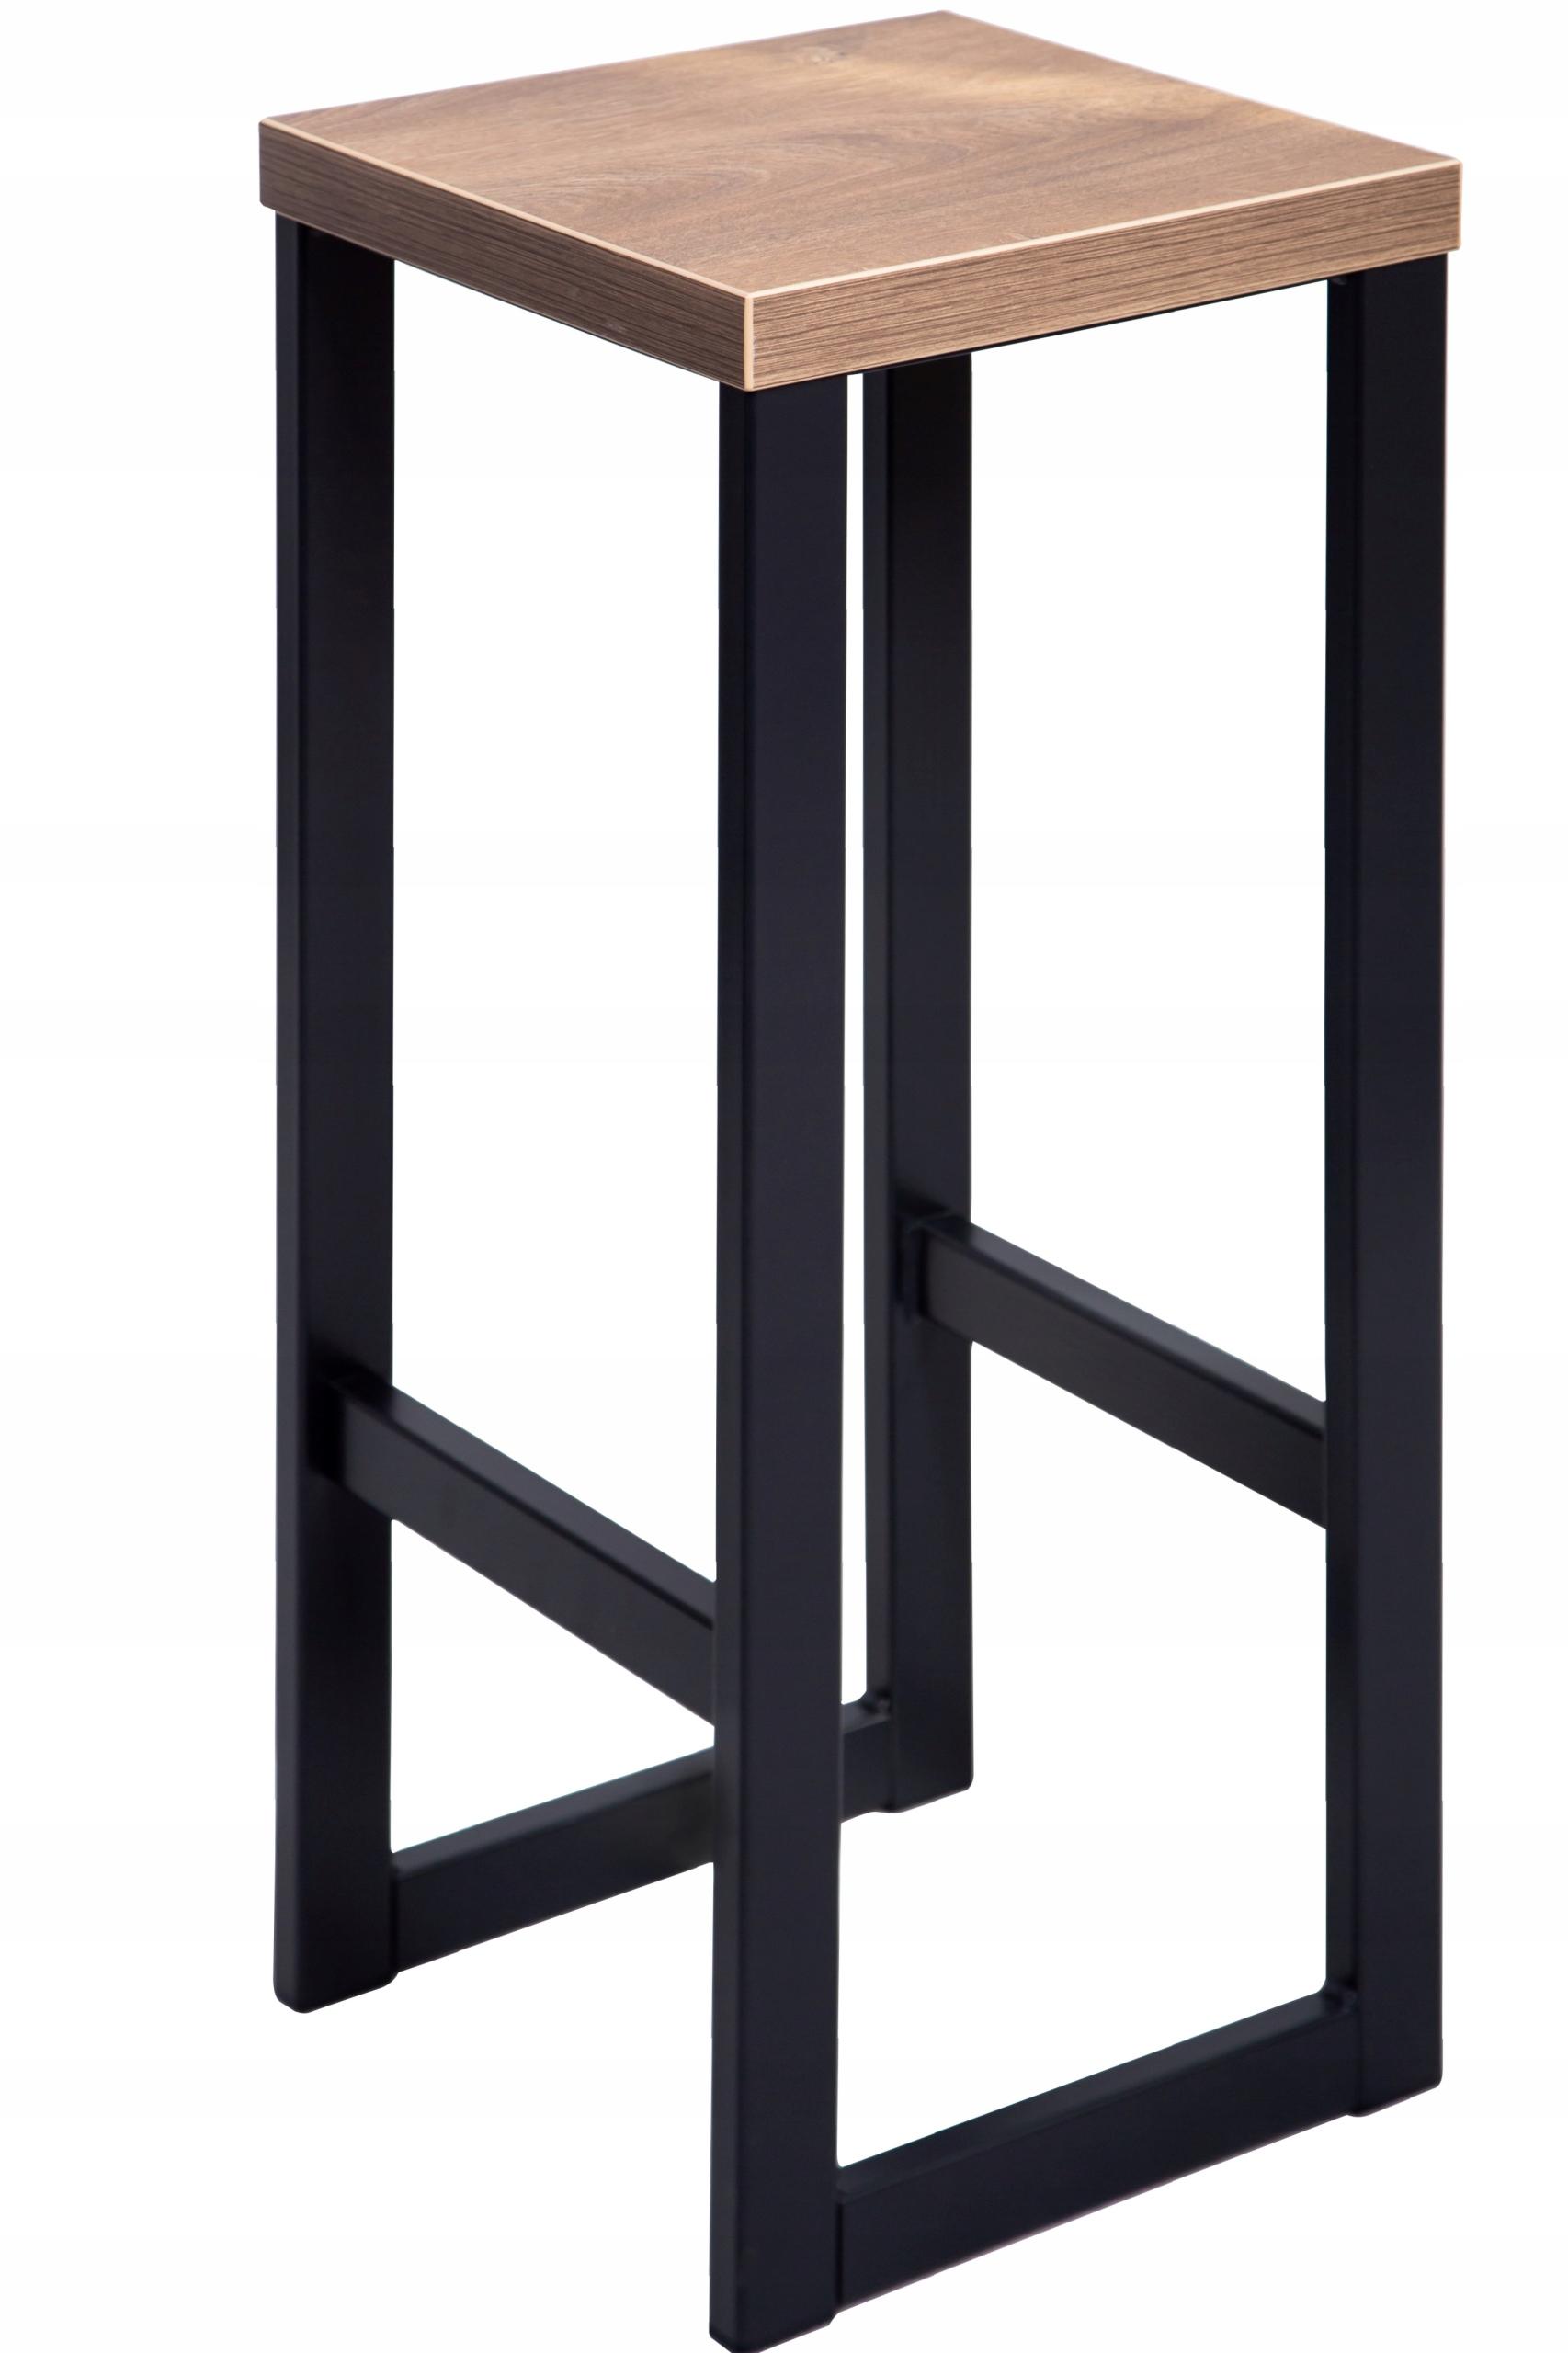 Твердый Hoker металлический чердак 75 см - стул,Табурет